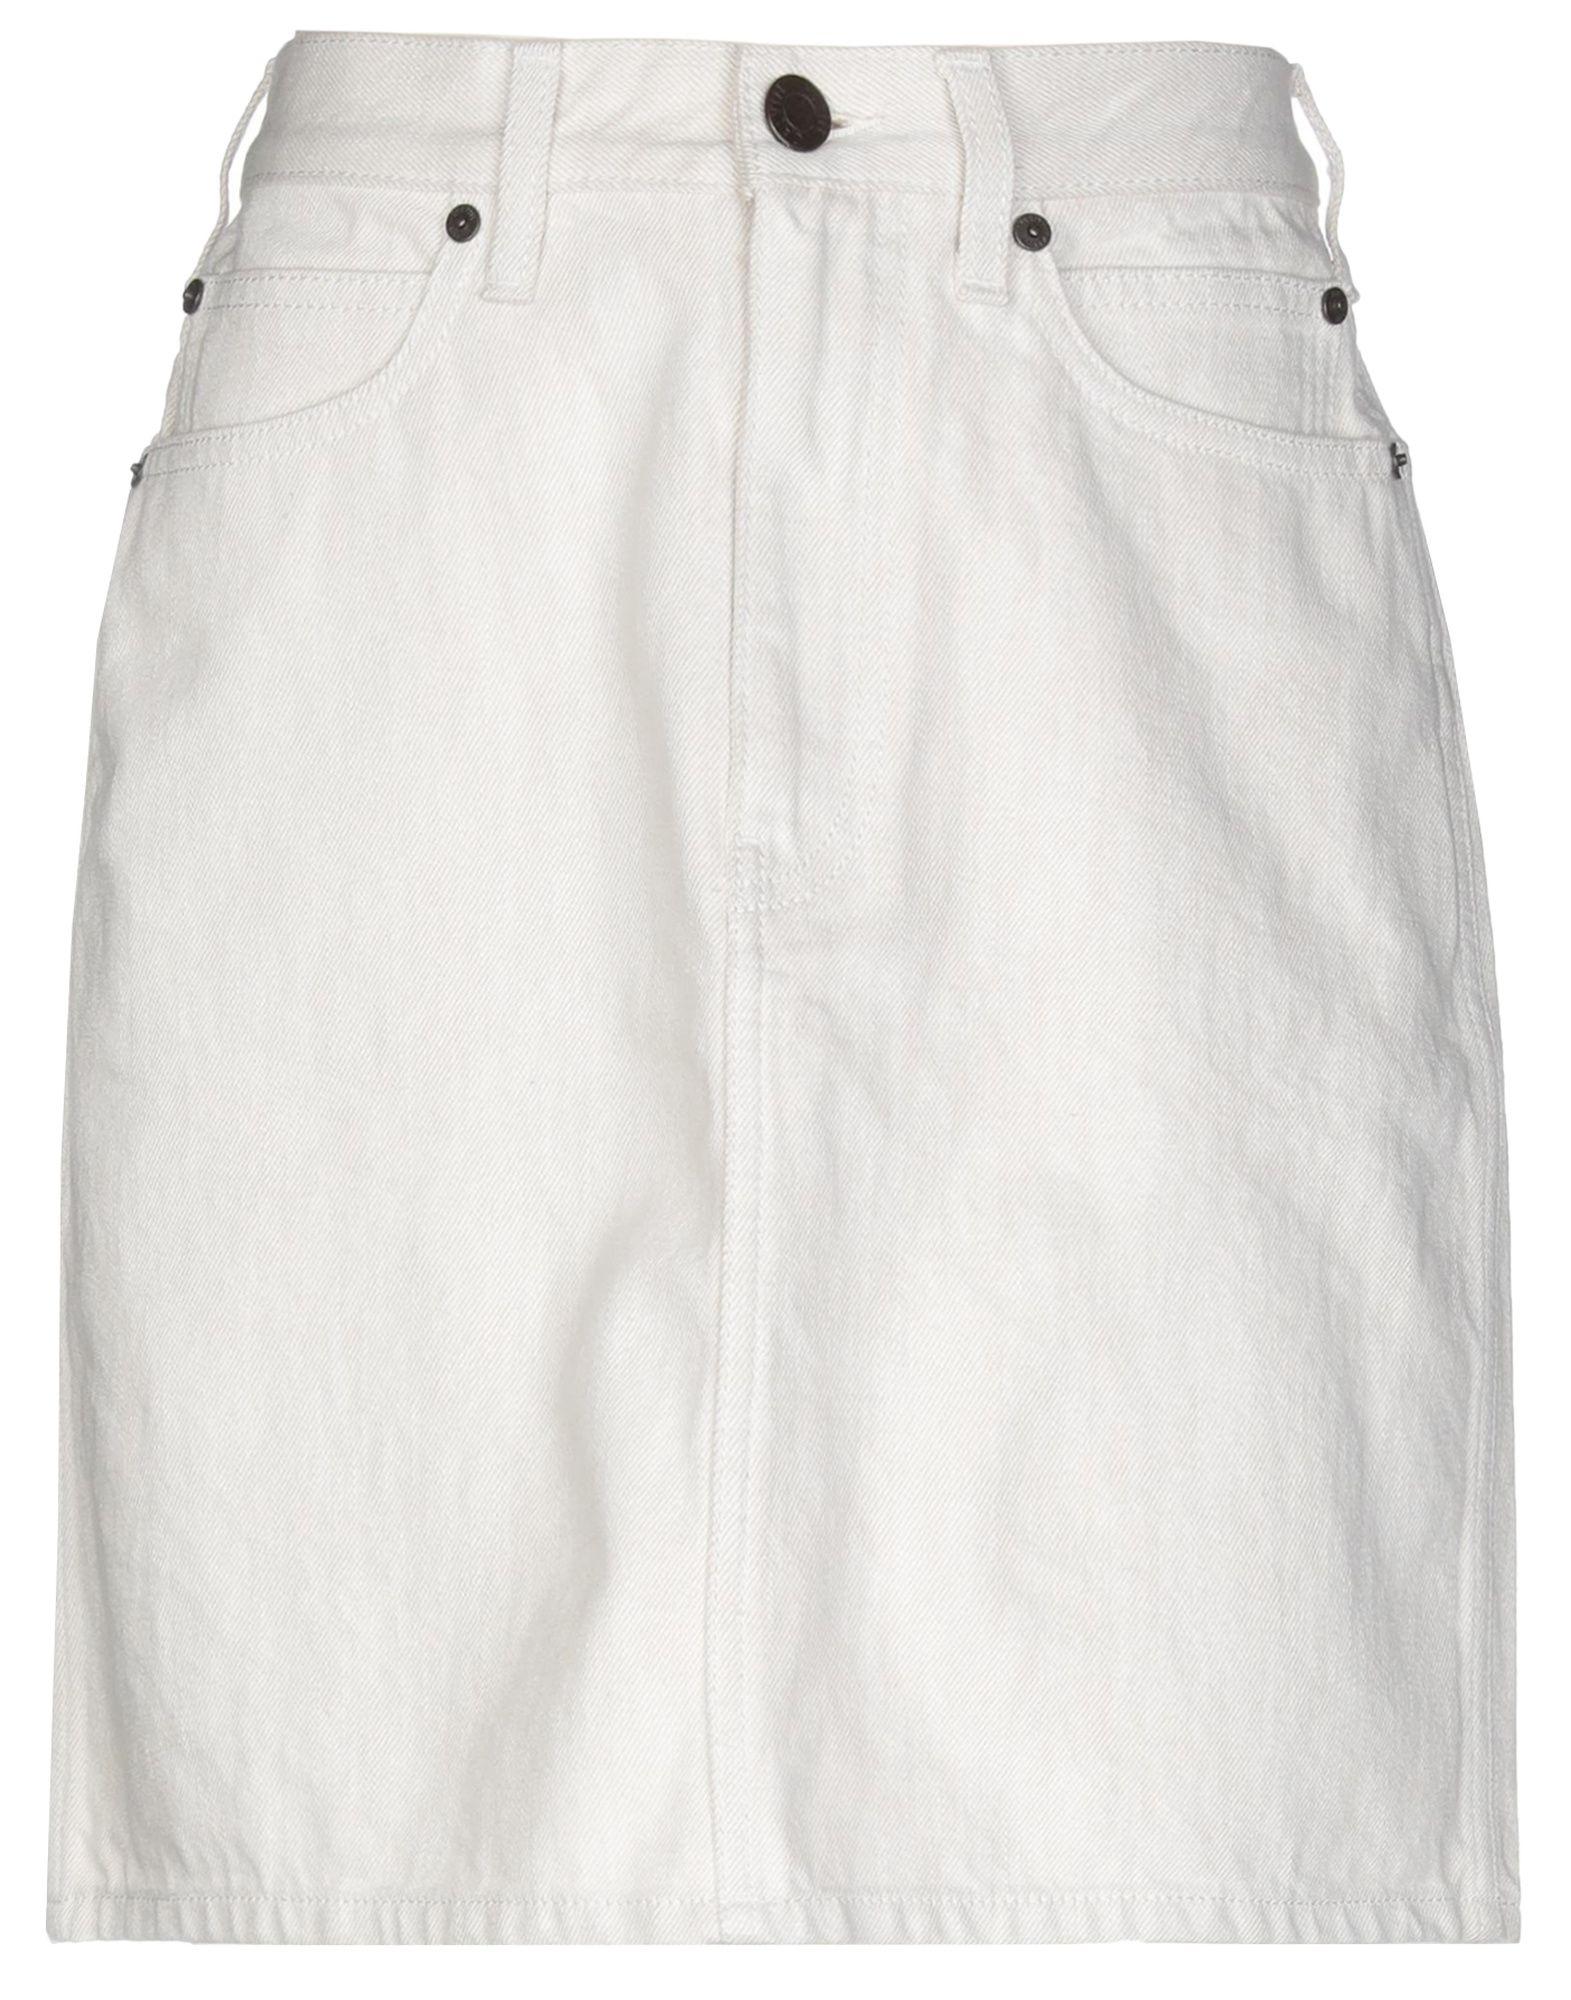 CALVIN KLEIN 205W39NYC Джинсовая юбка calvin klein 205w39nyc длинная юбка